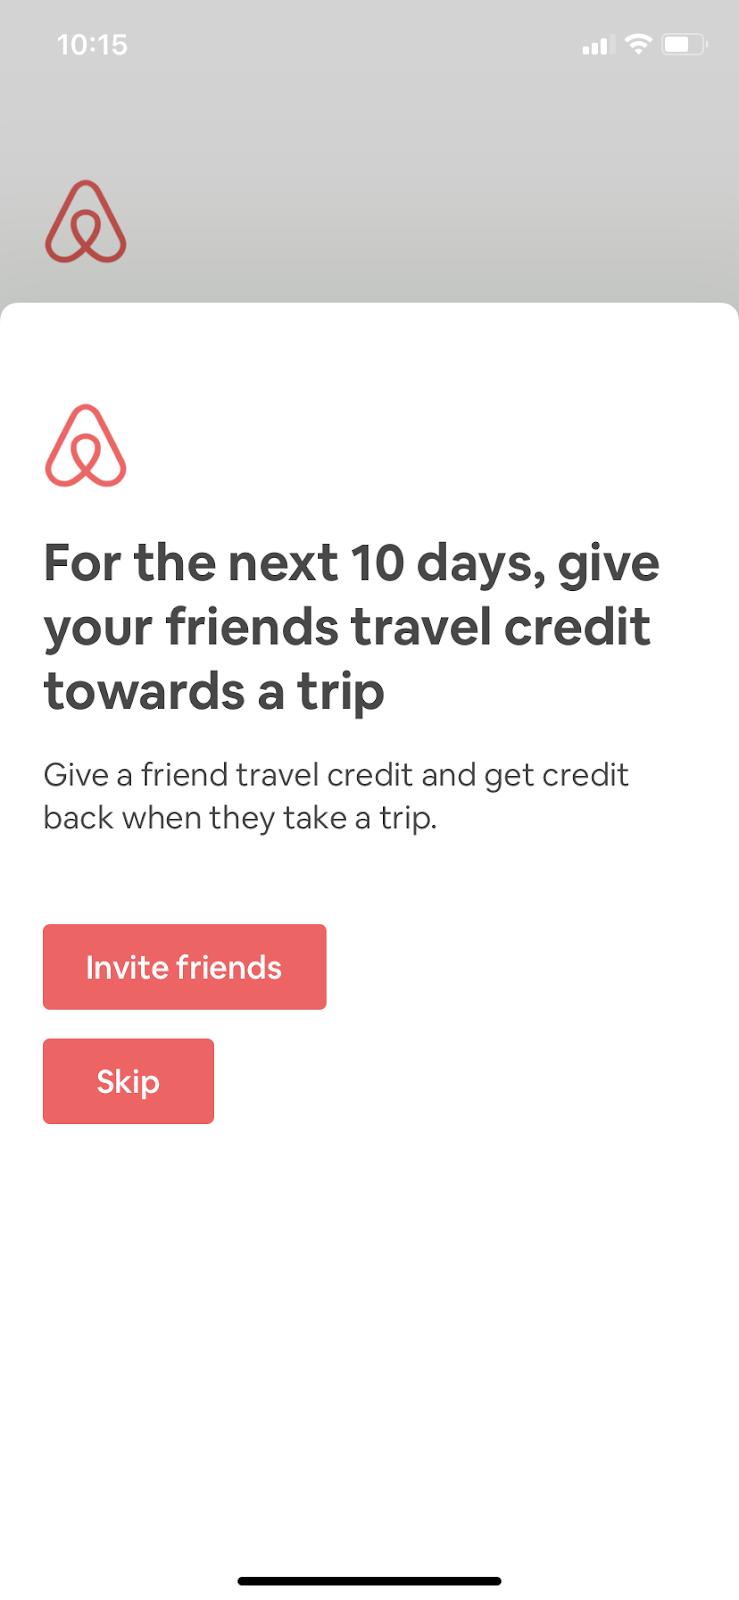 airbnb mobile app invite user referral campaign